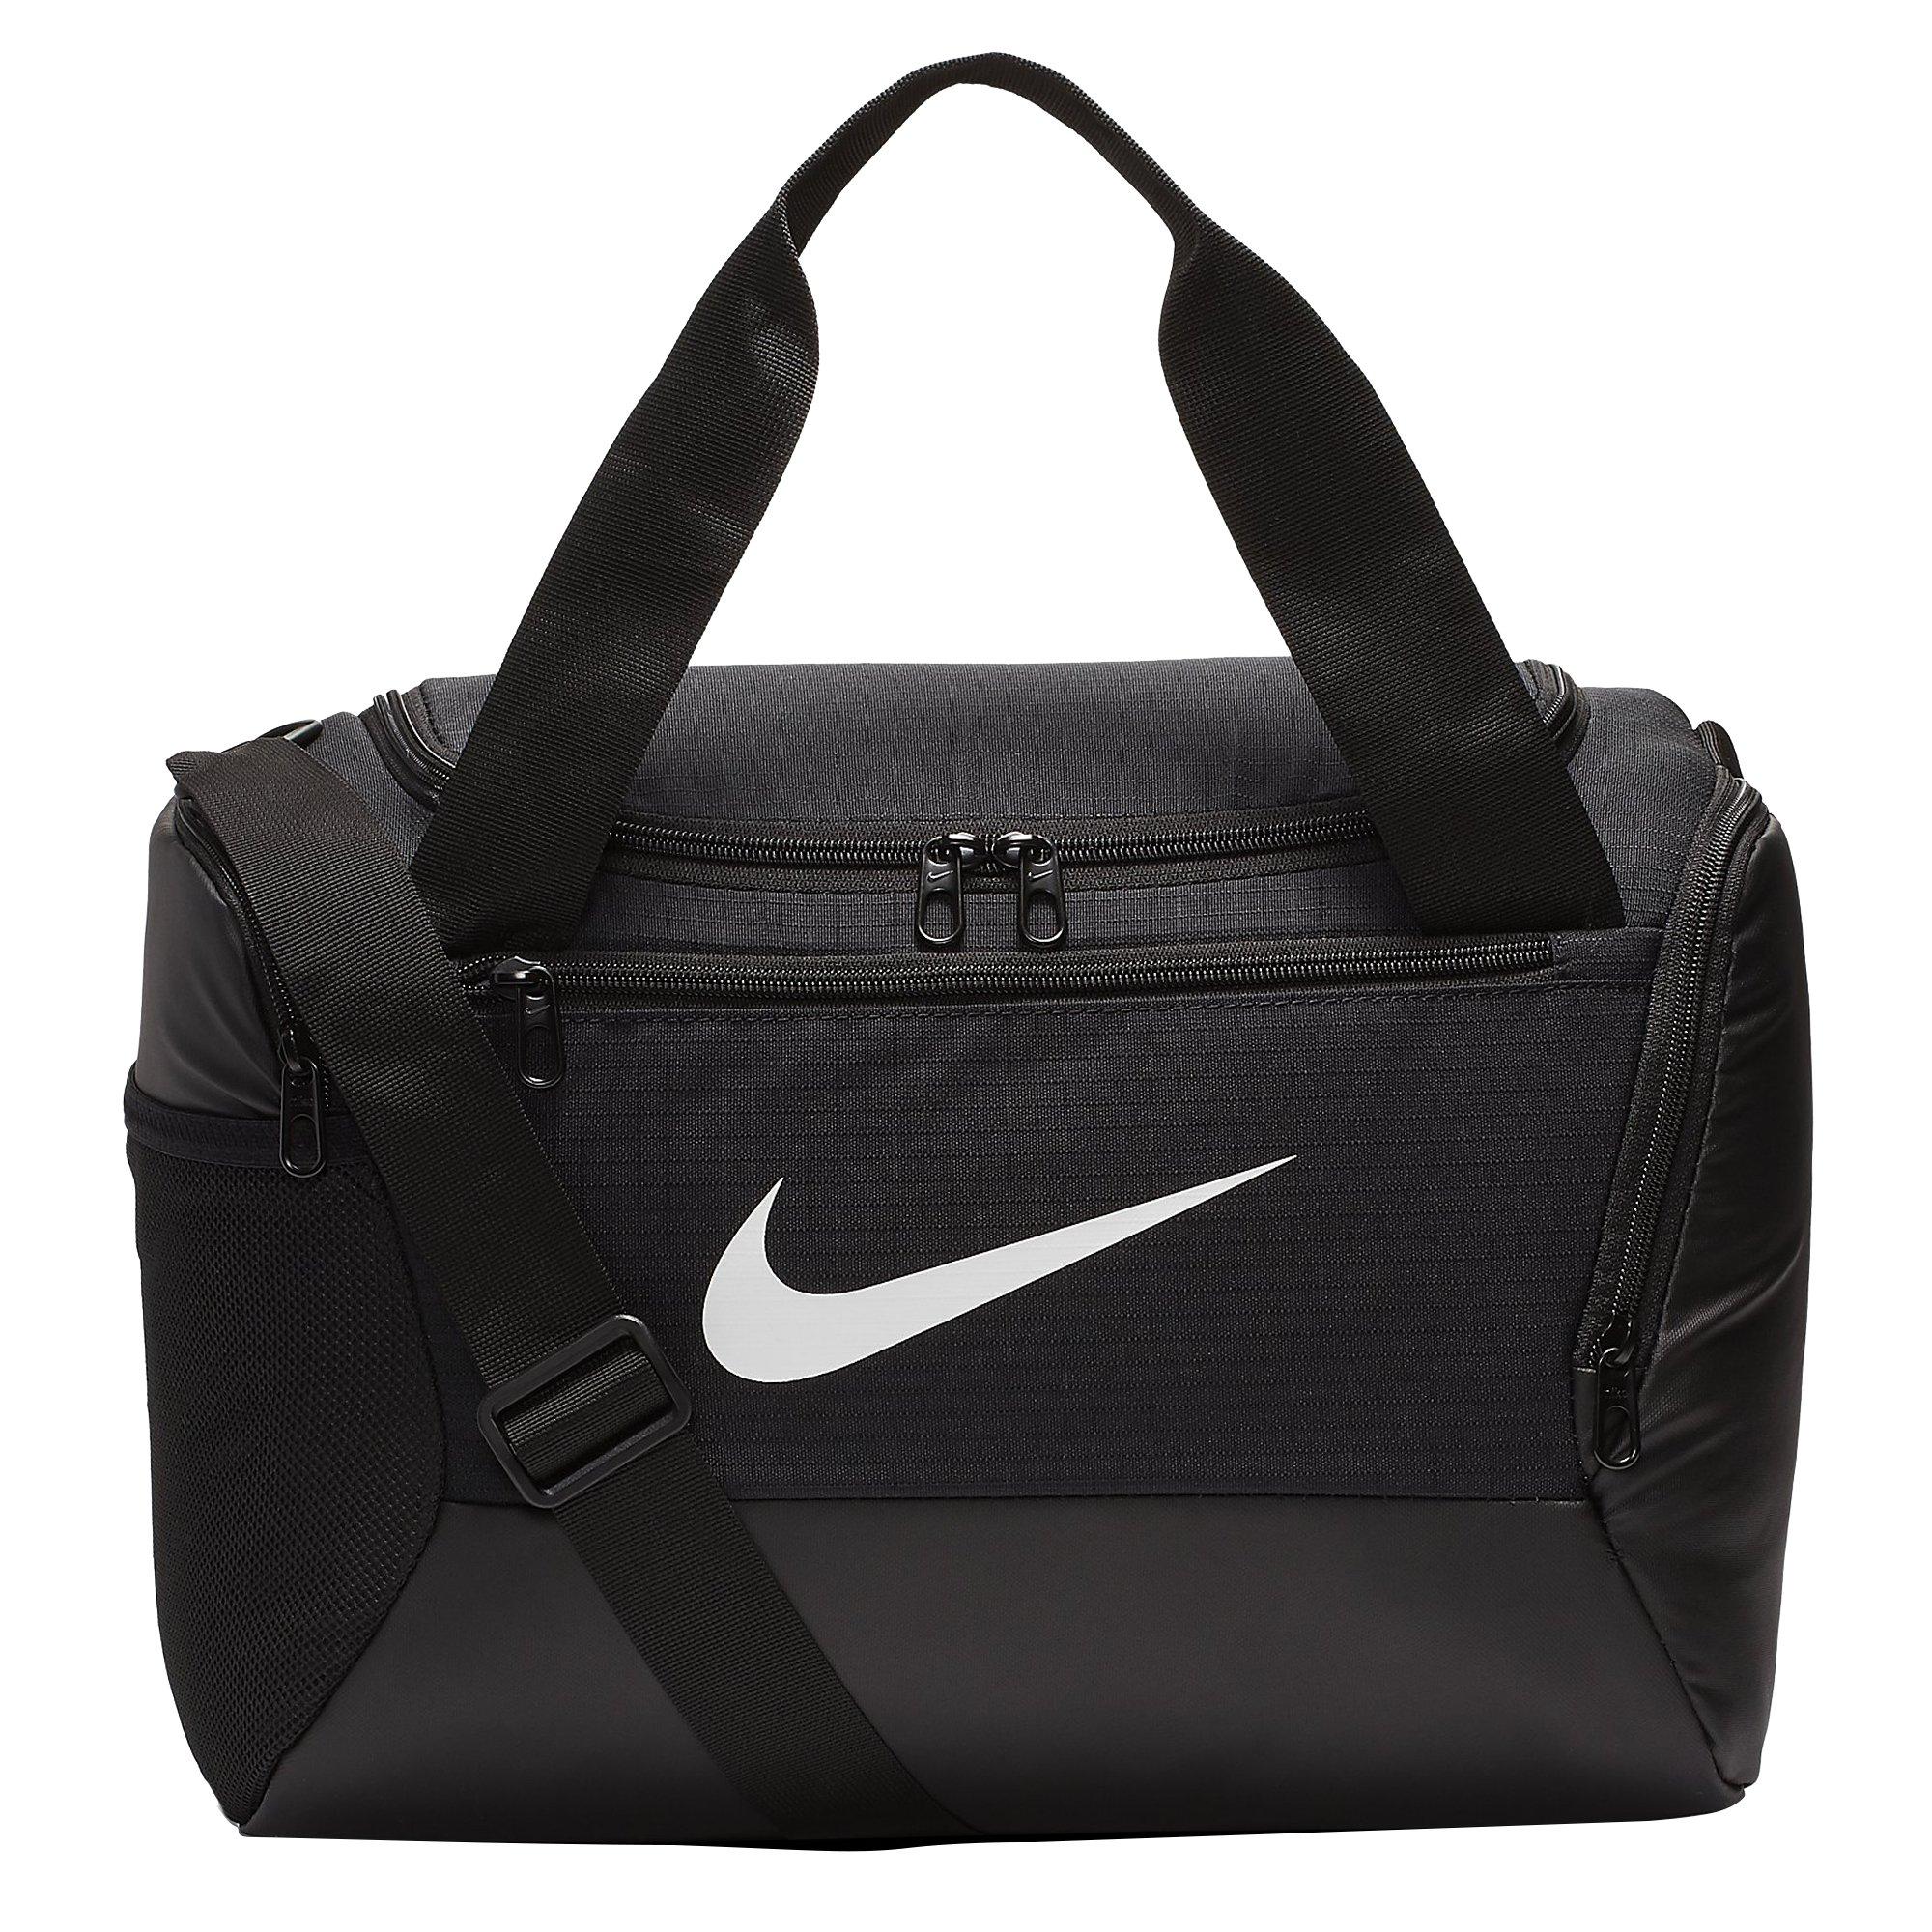 Nike Brasilia Xs Duff 9 0 25l Spor Canta Ba5961 010 Barcin